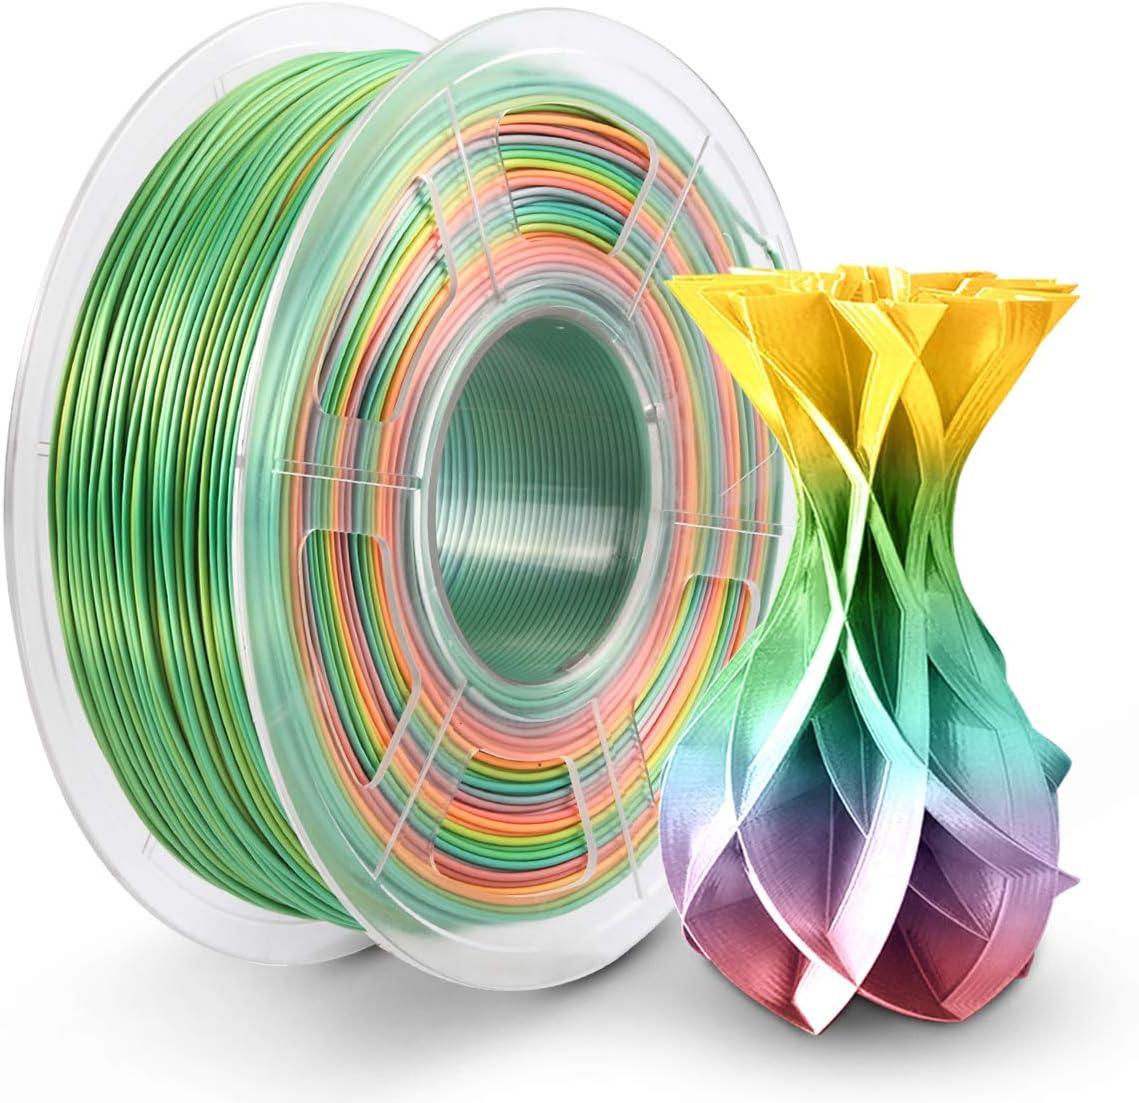 PLA Rainbow Filament 1.75mm, PLA Silk Filament Imprimante 3D 1KG Brilliant Multicolore Arc Ciel Effetr Soie